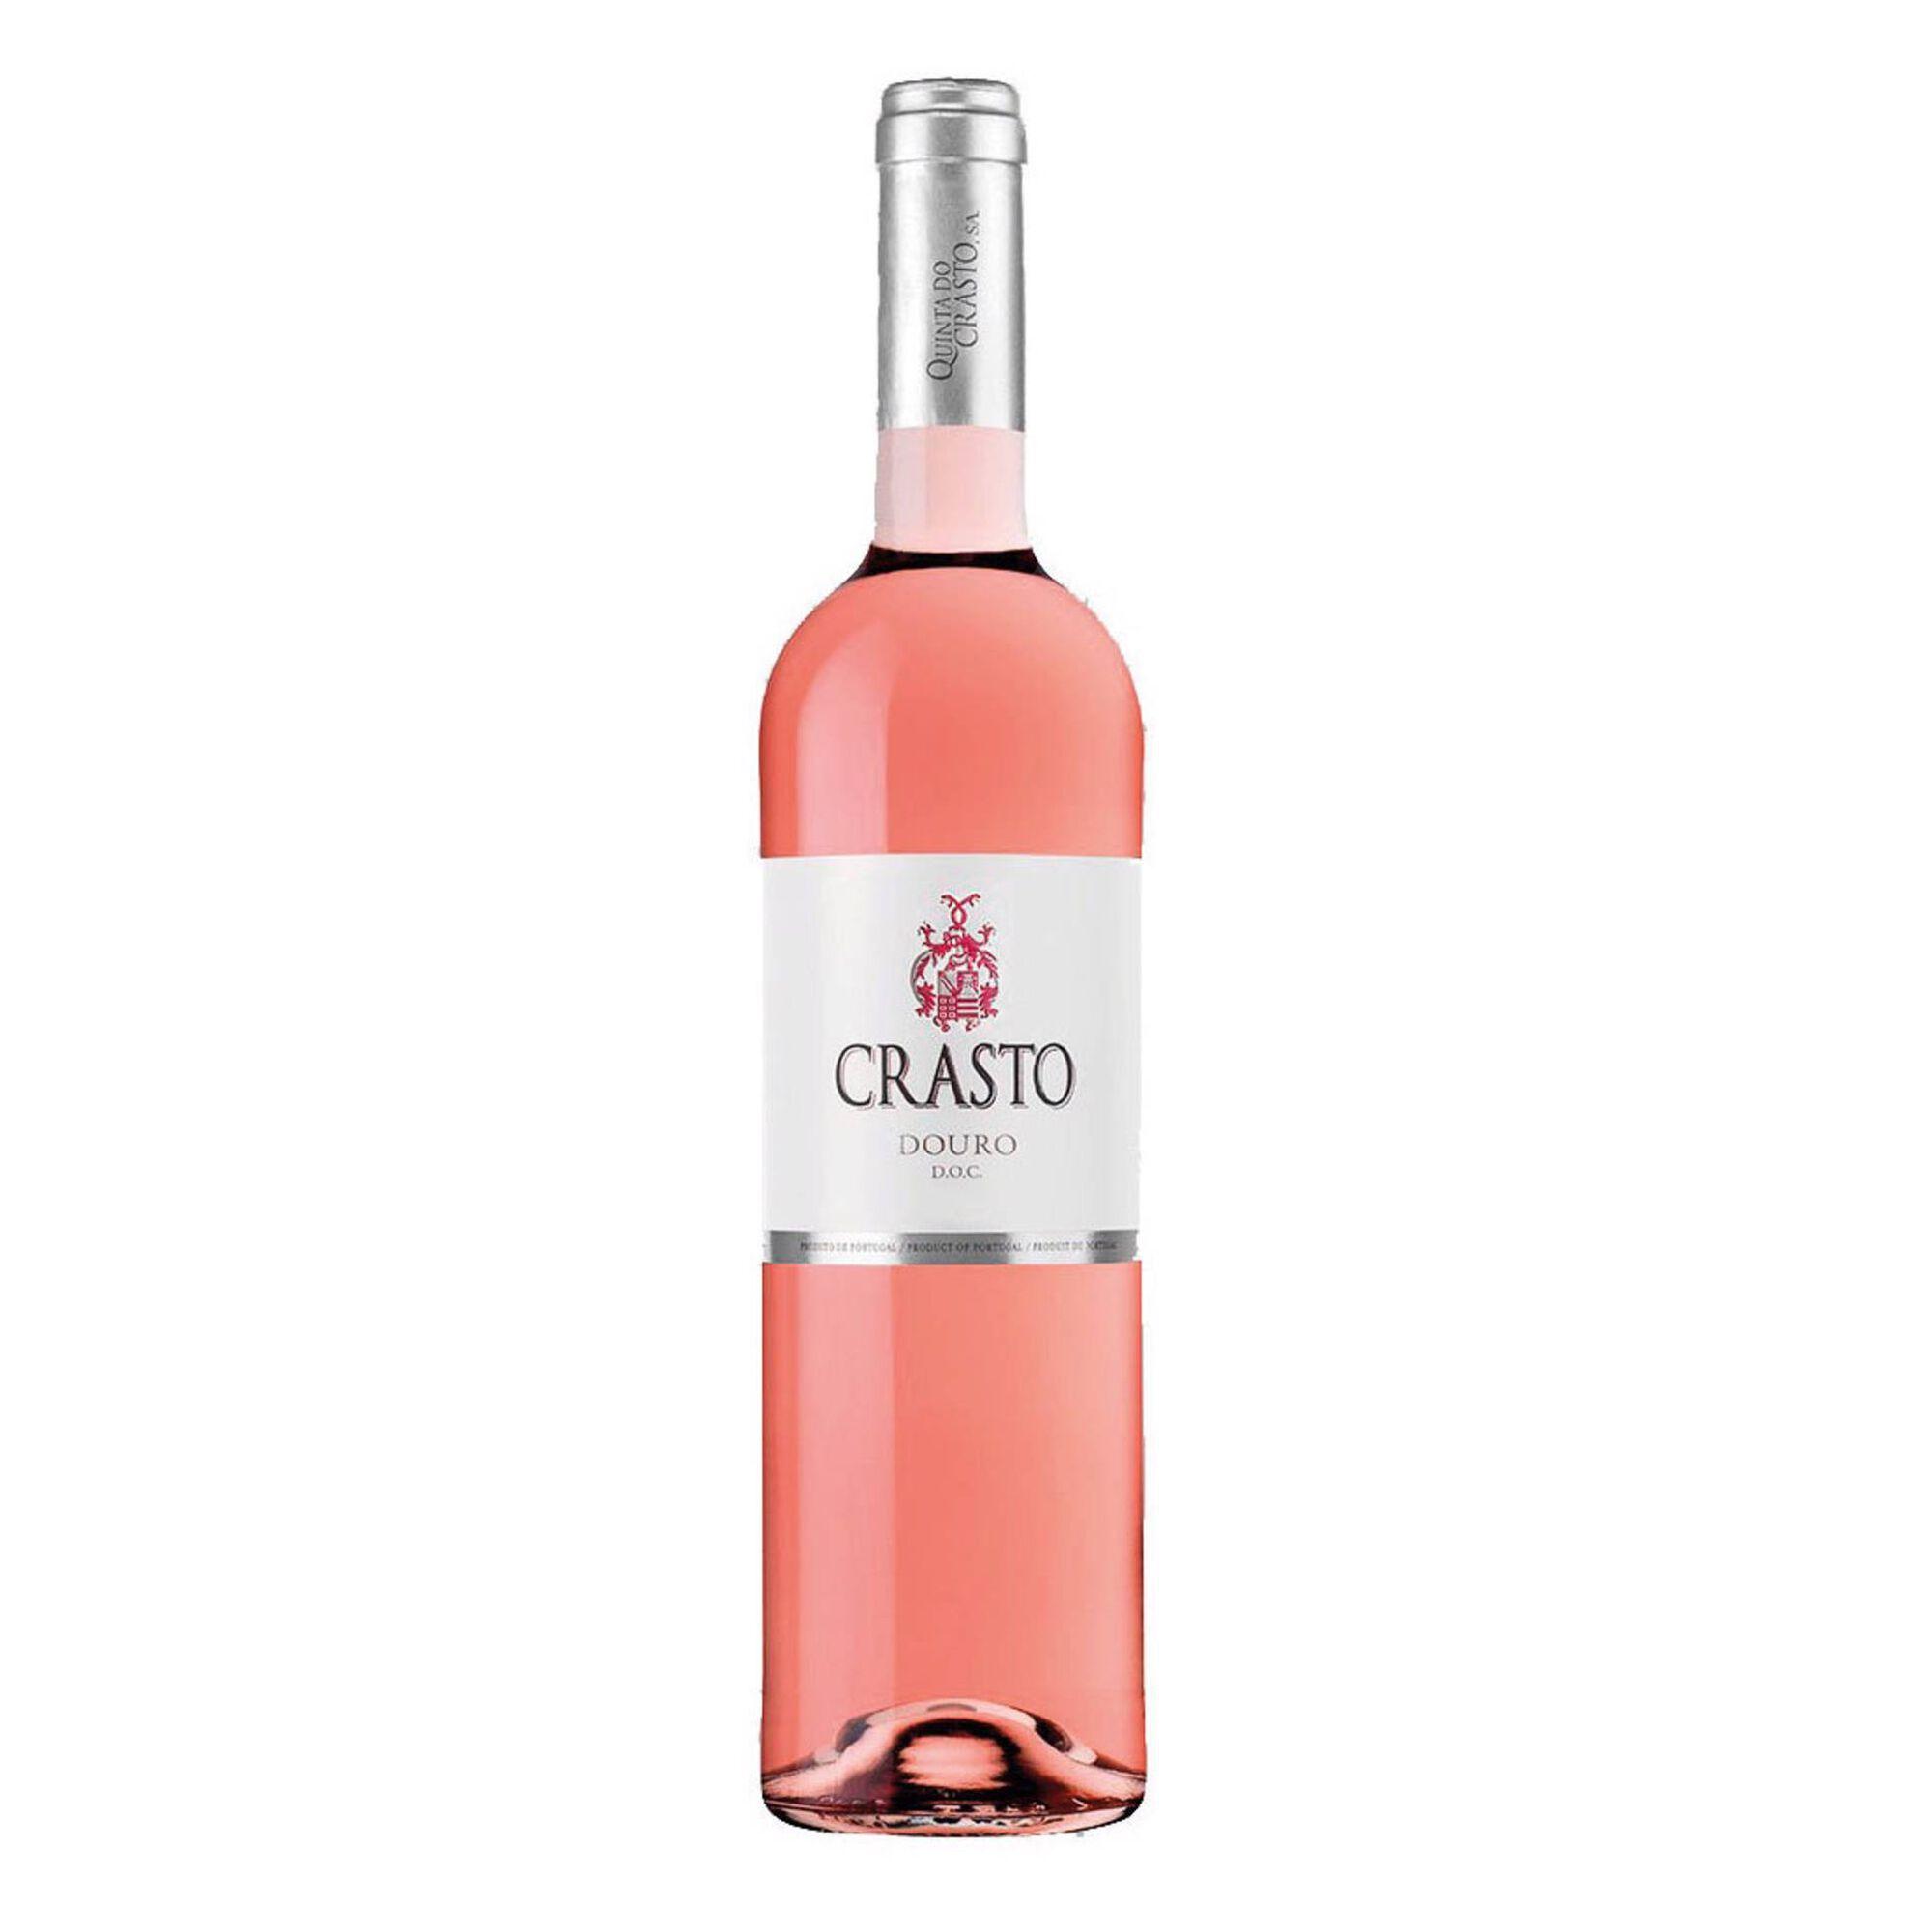 Crasto DOC Douro Vinho Rosé